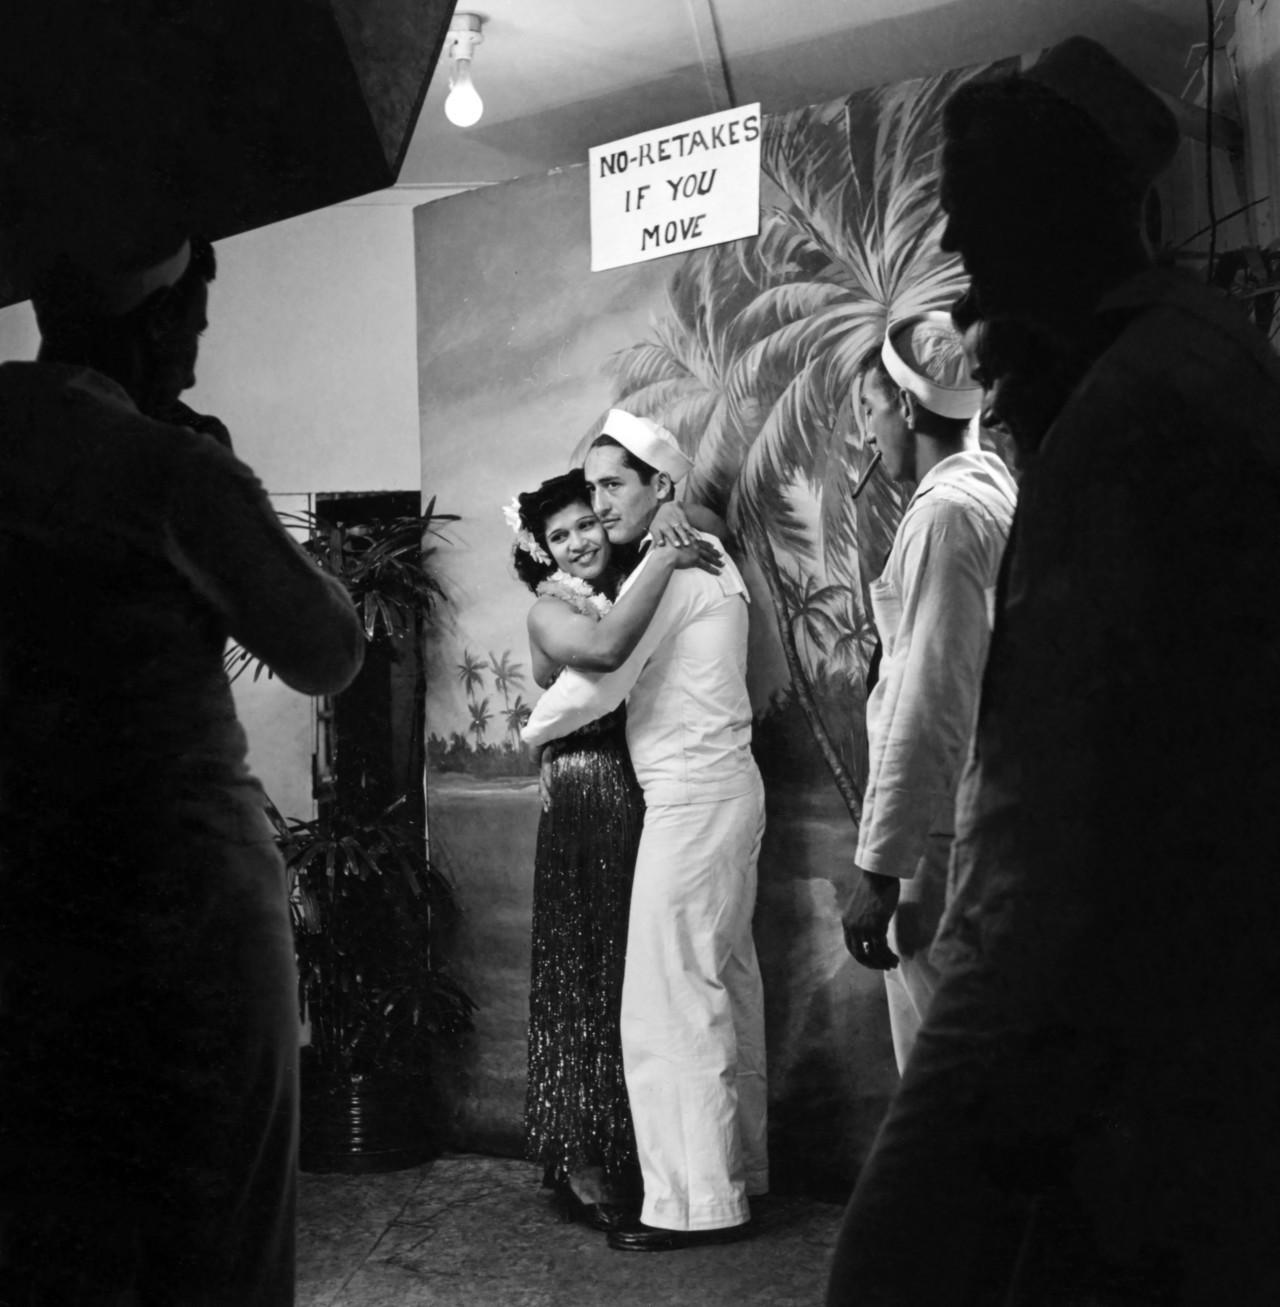 Матрос позирует с девушкой в салоне тату. Автор Уэйн Миллер